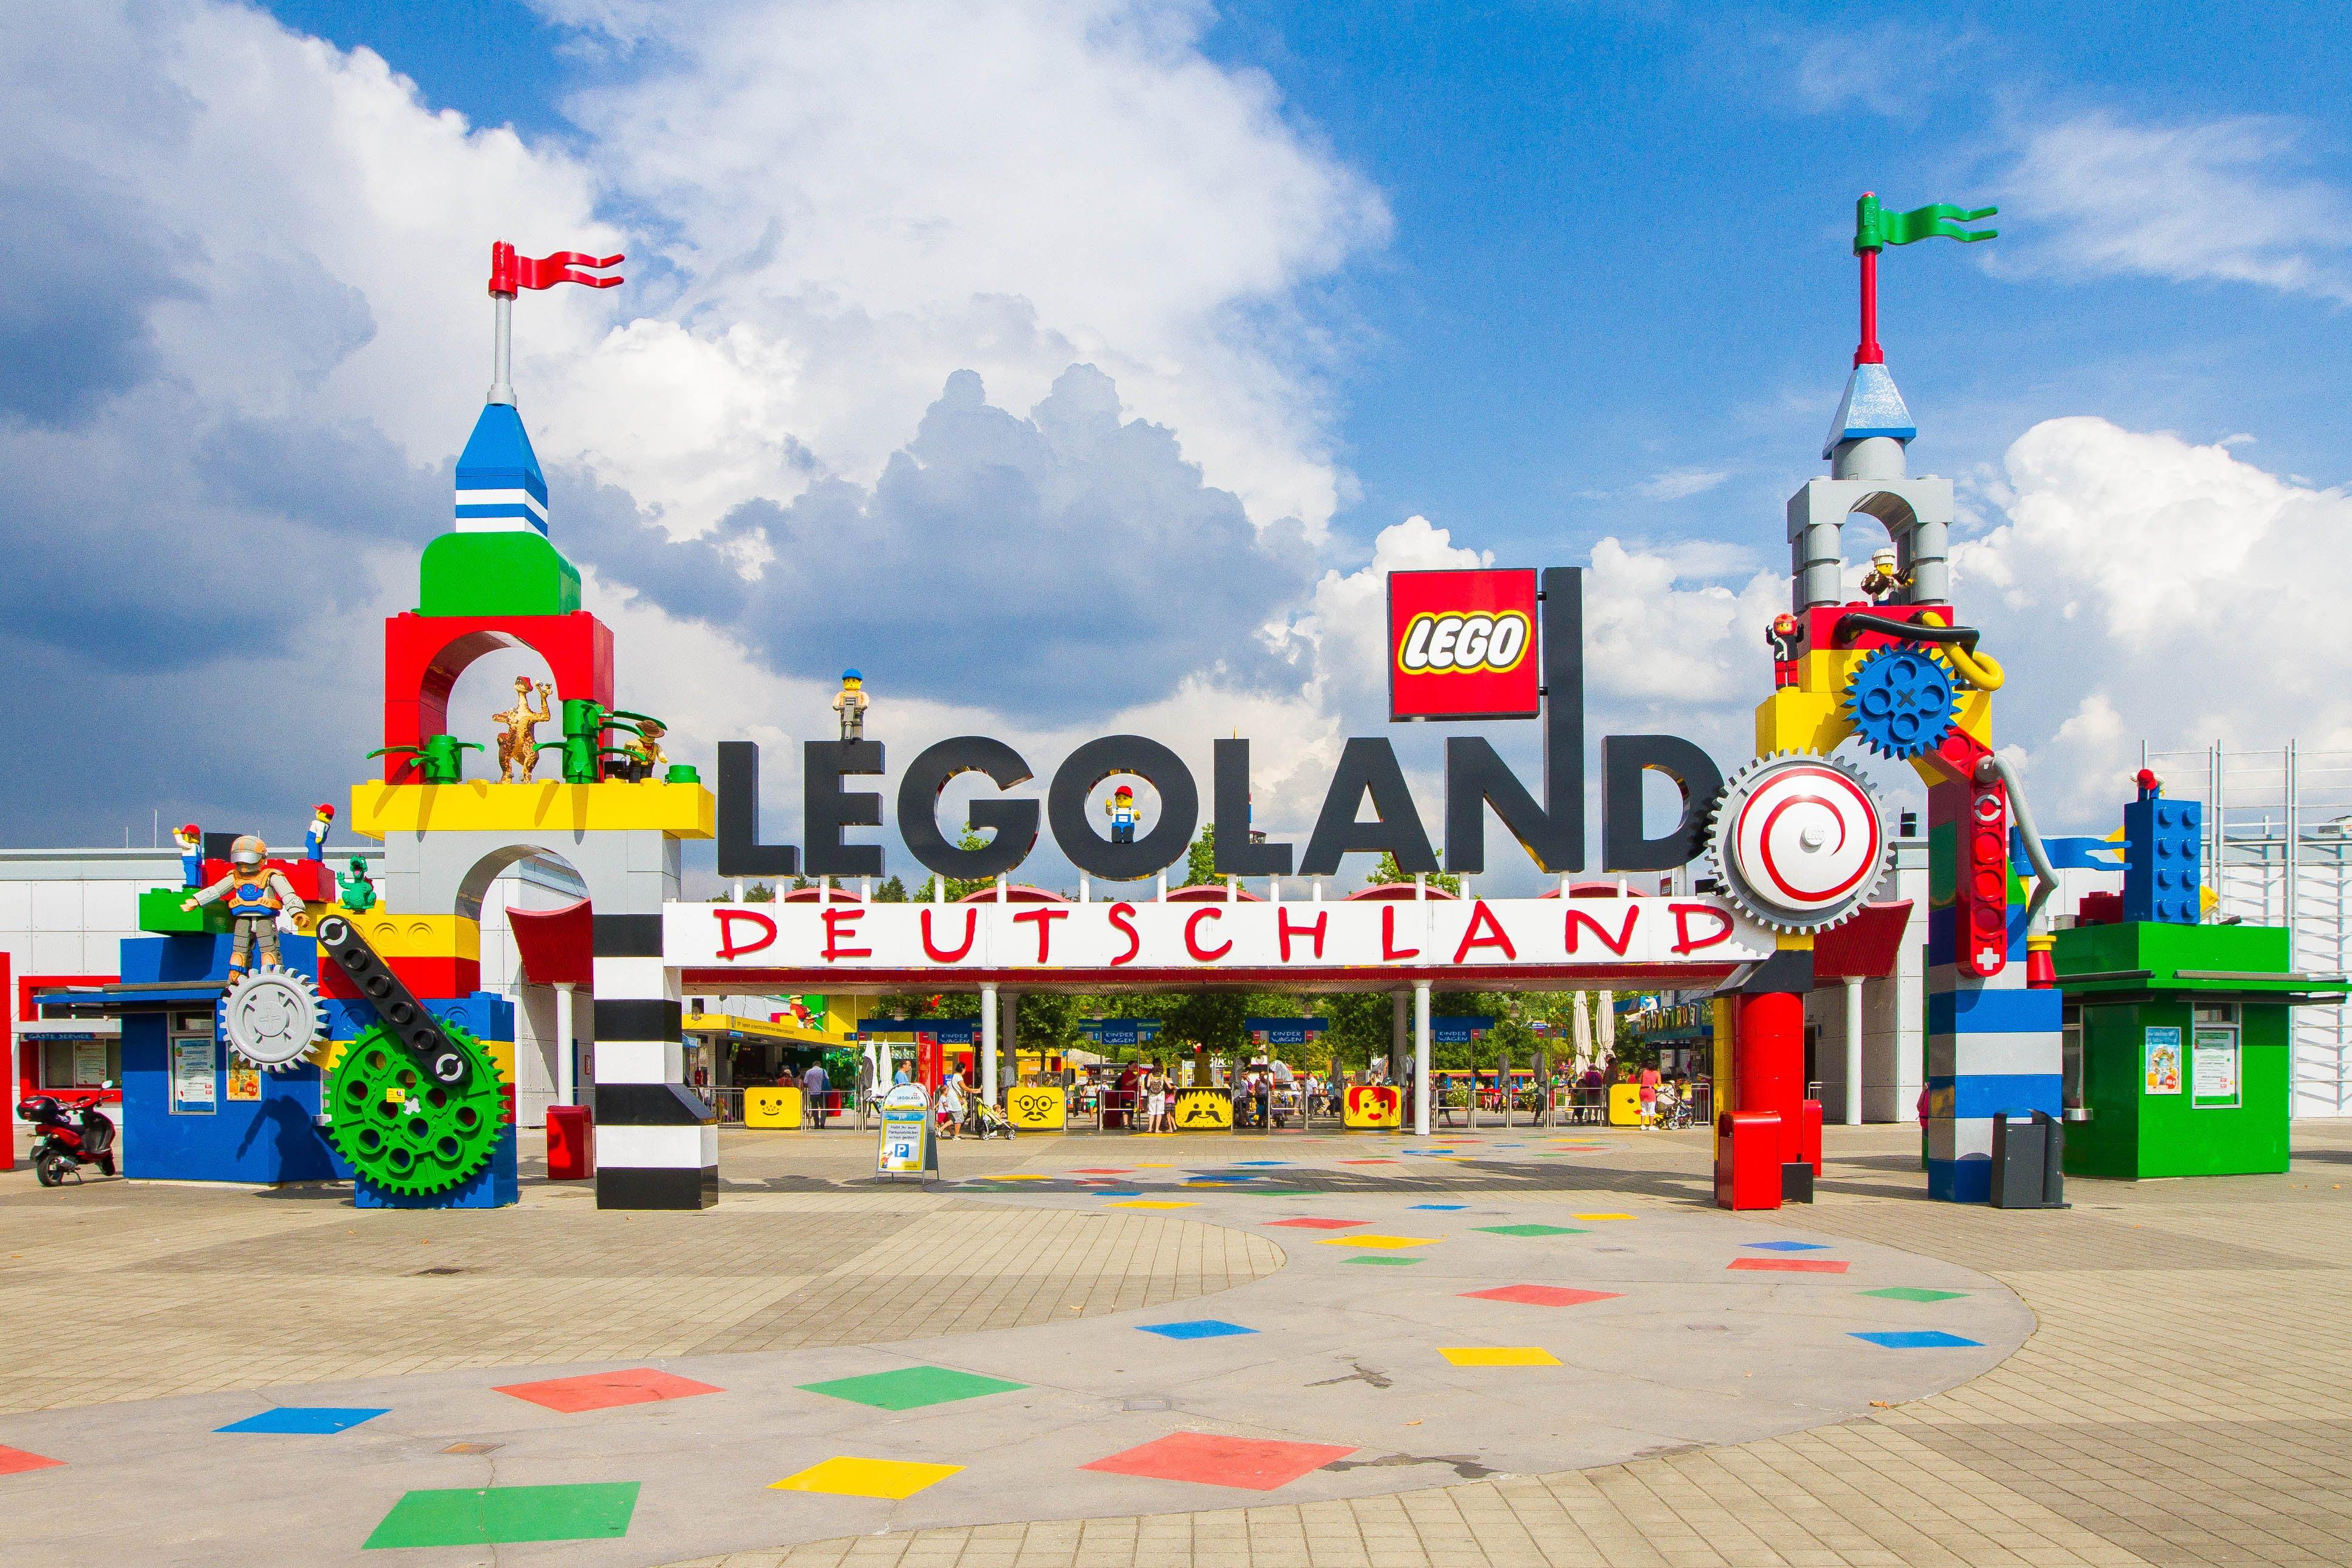 Legoland, Germany